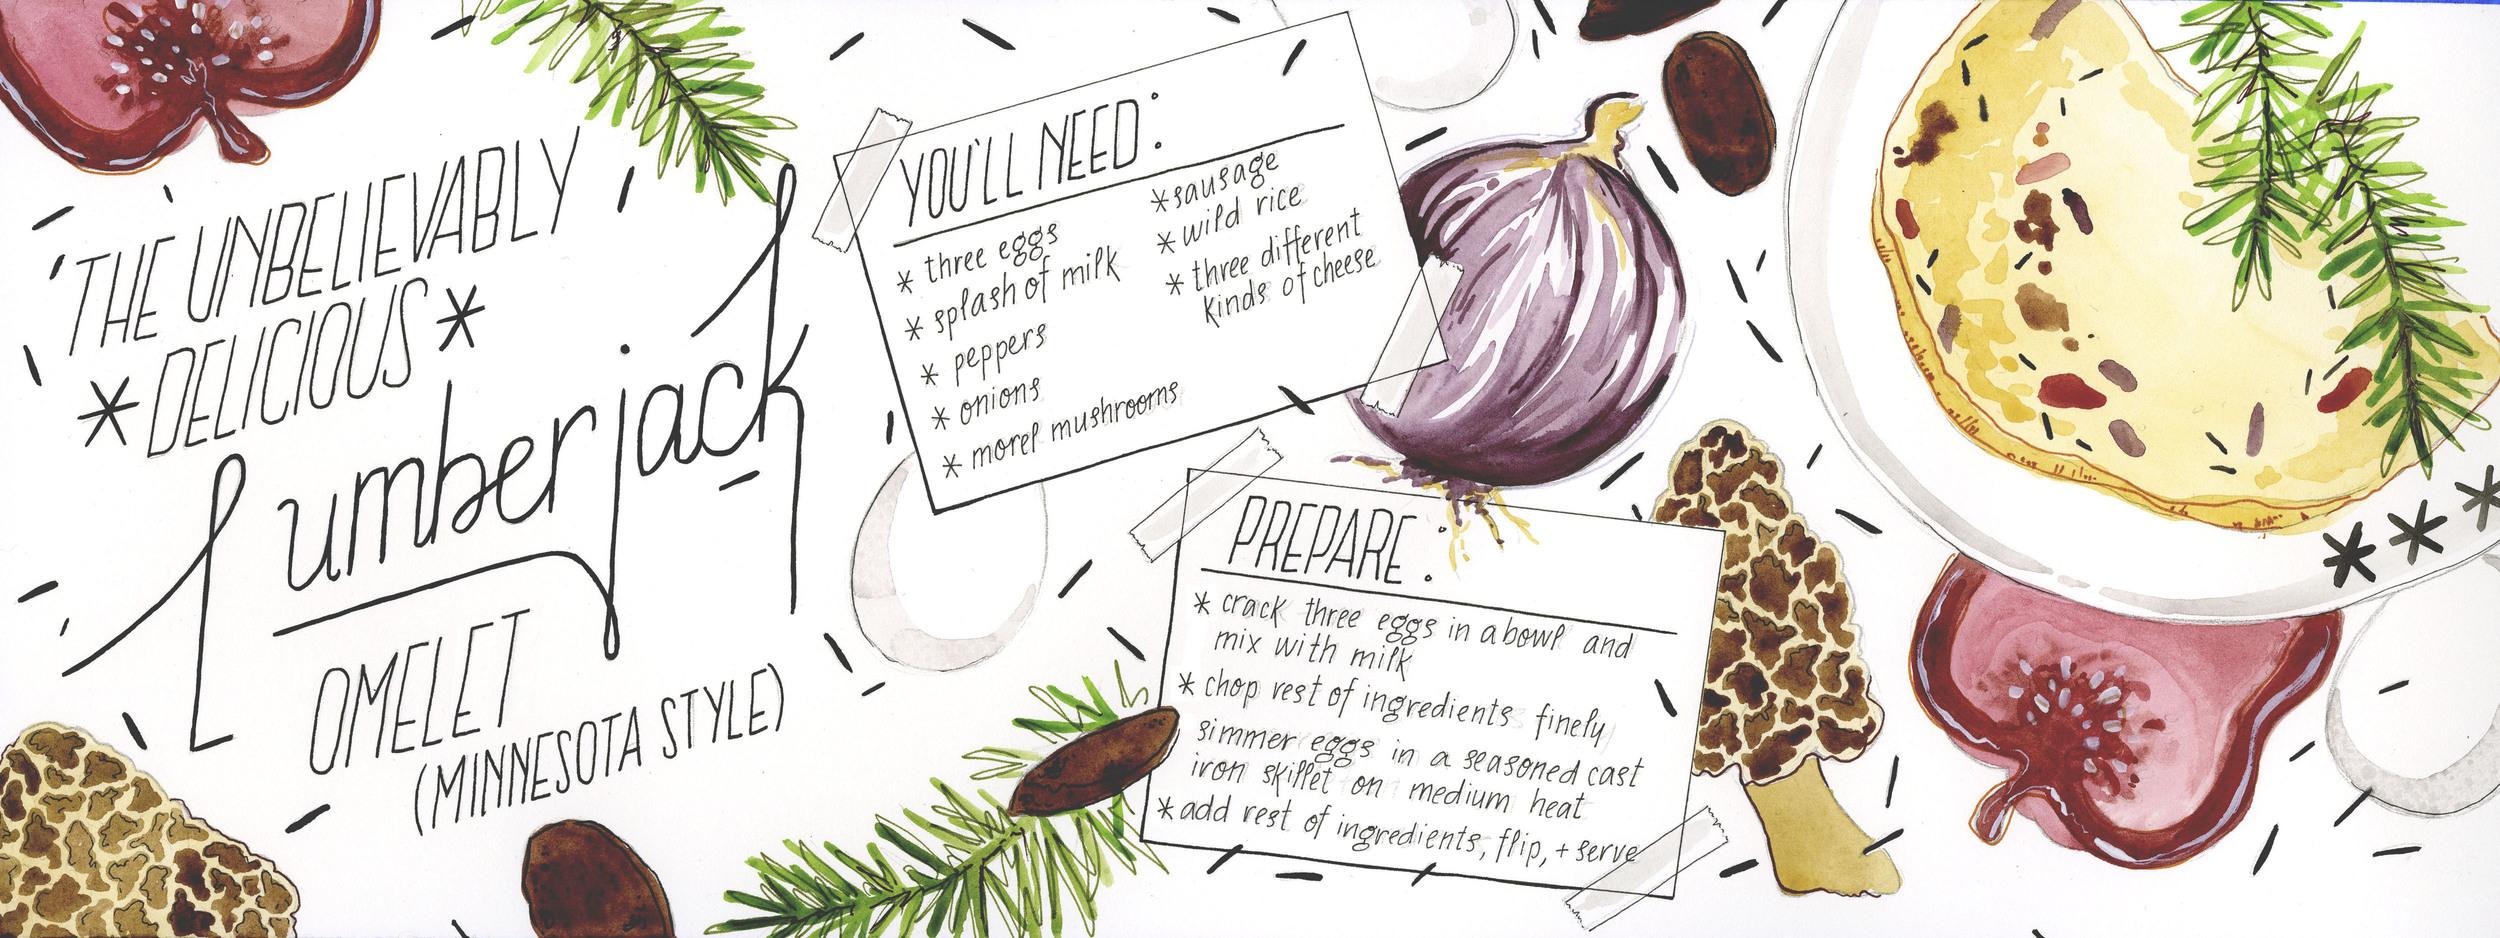 LUMBERJACK OMELET   Recipe guide